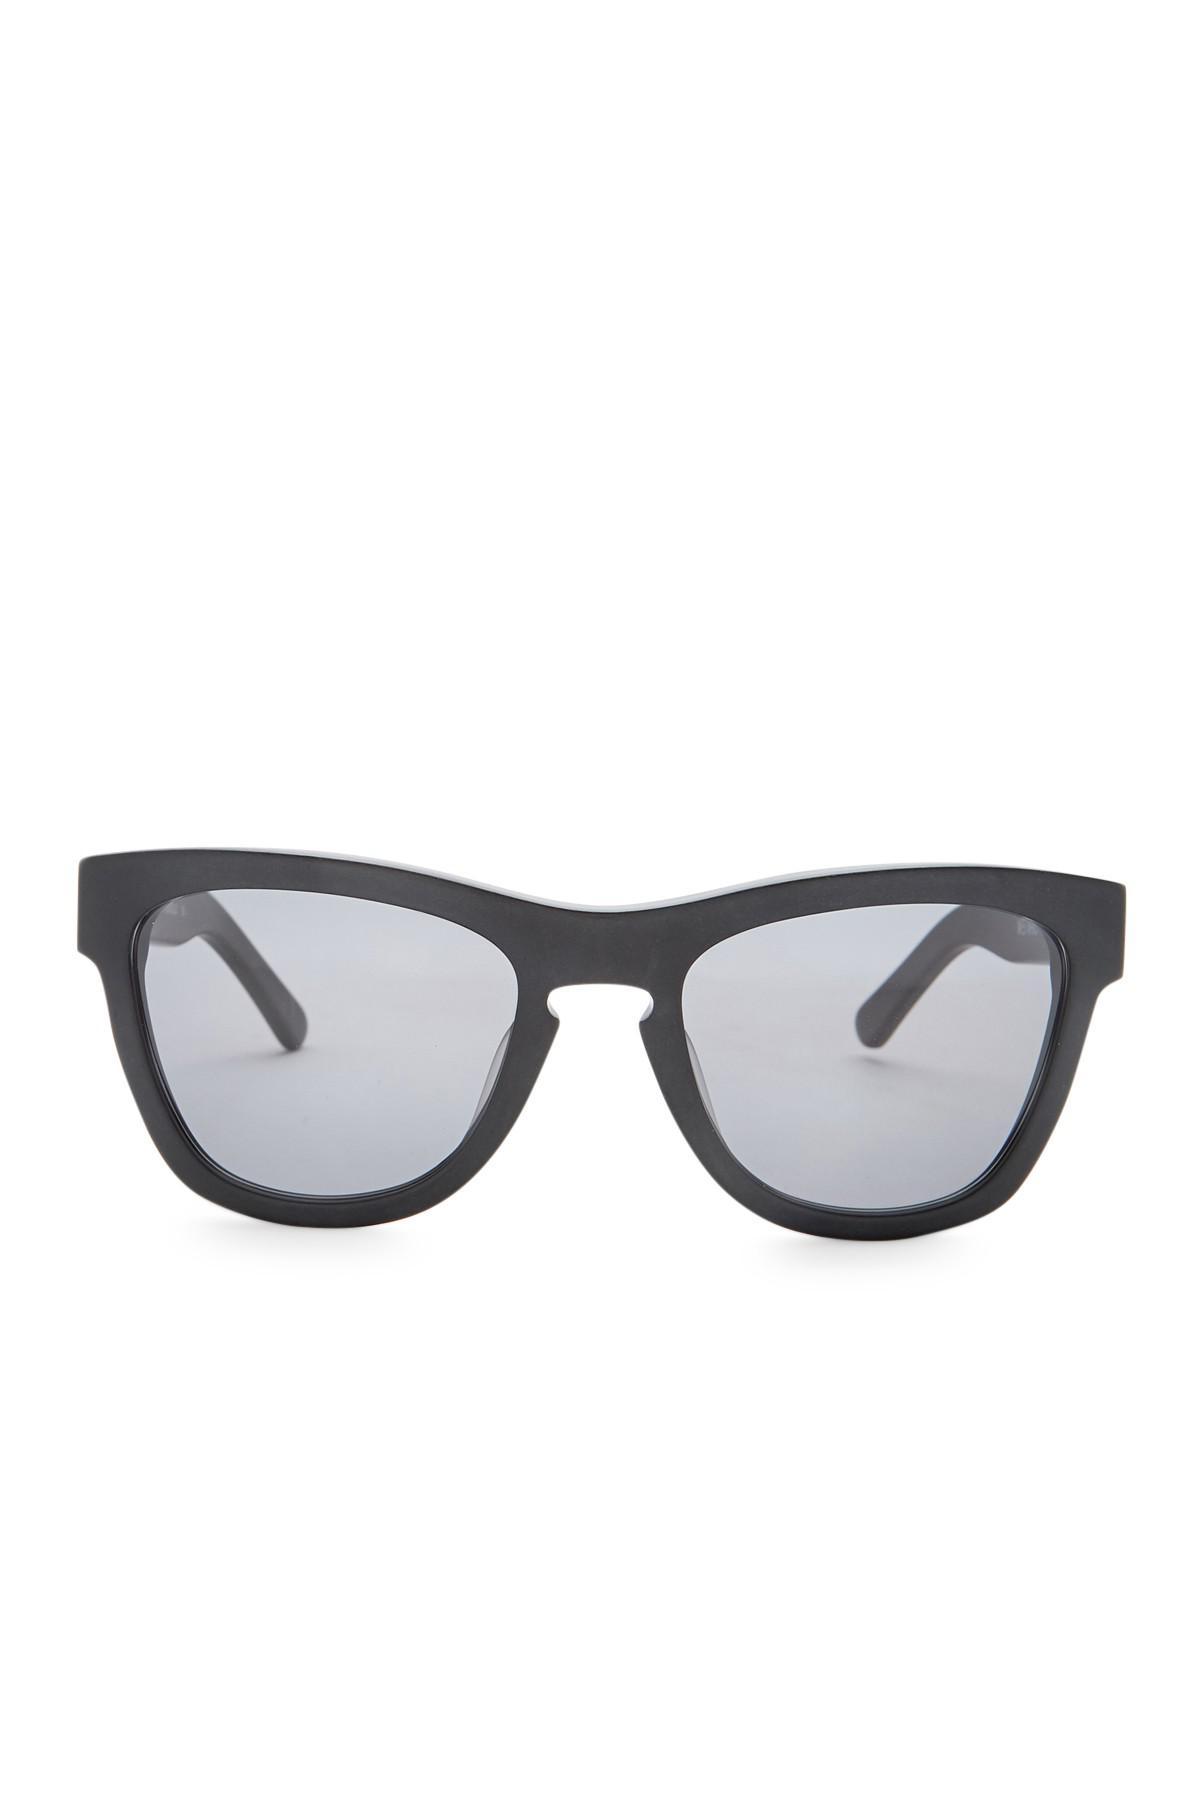 e9fa232d7c Lyst - Westward Leaning Pioneer Oversized Sunglasses in Black